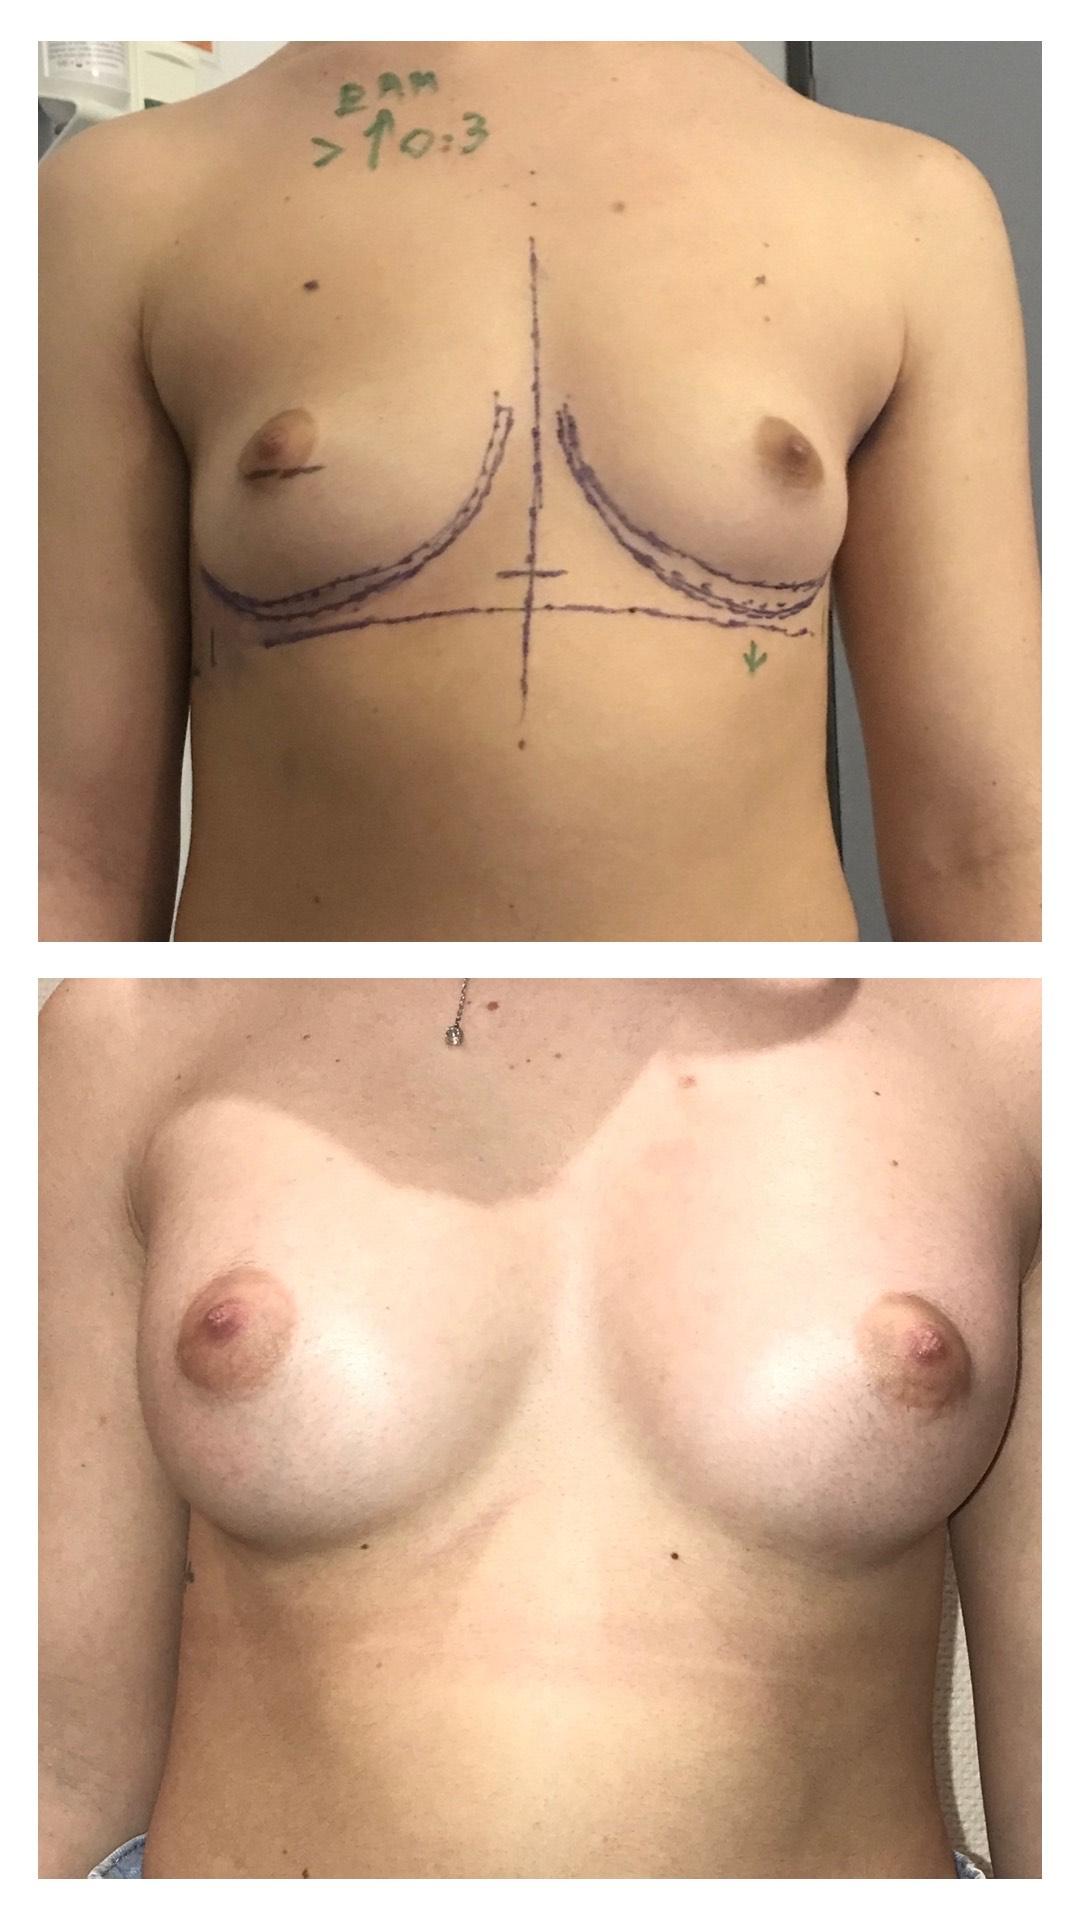 Implants mammaires anatomiques par voie axillaire rétro musculaire sans cicatrice sur les seins